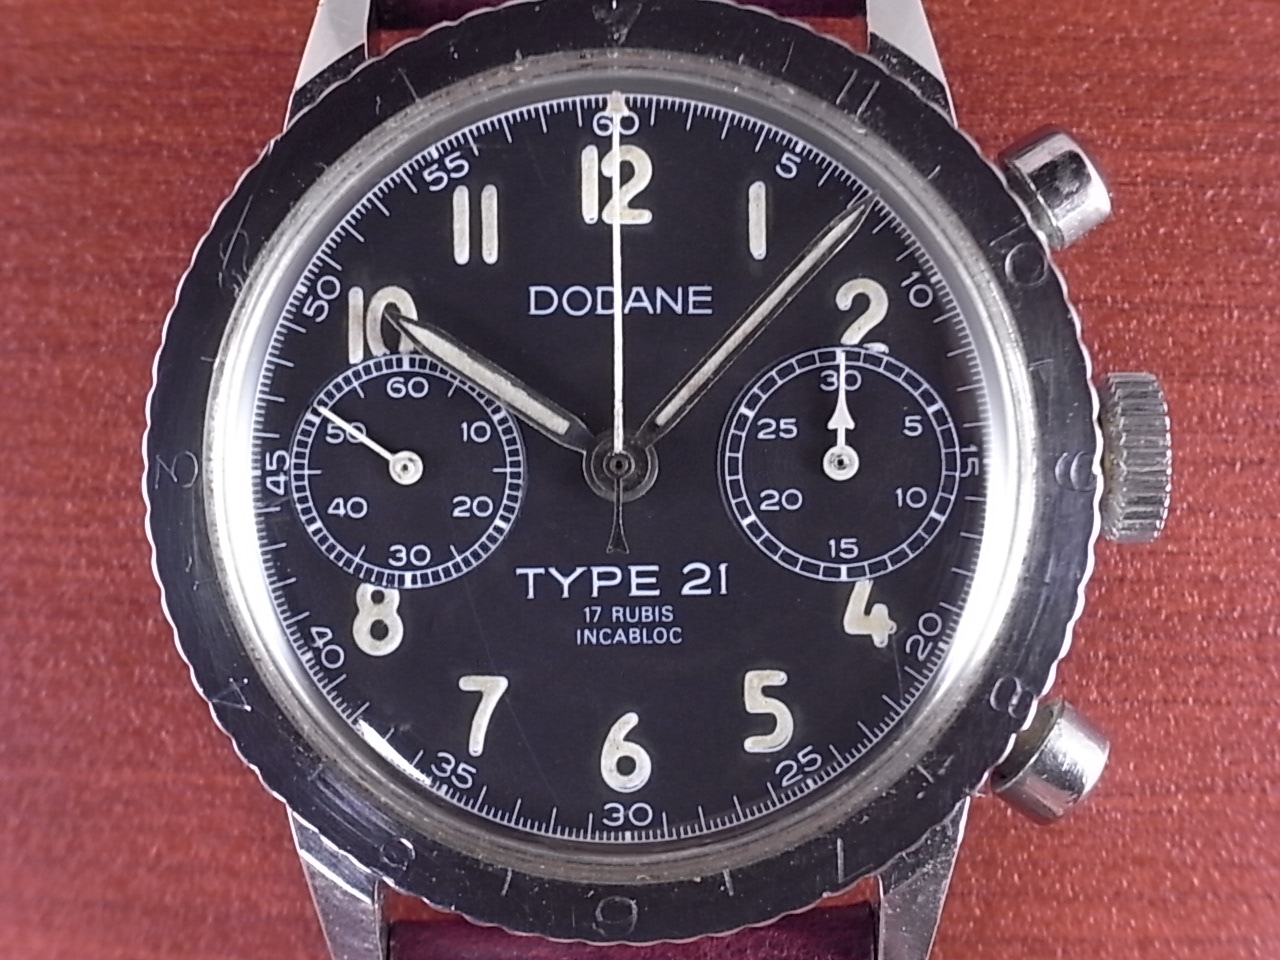 ドダンヌ フランス空軍 タイプ21 クロノグラフ ビッグロゴ 1960年代の写真2枚目